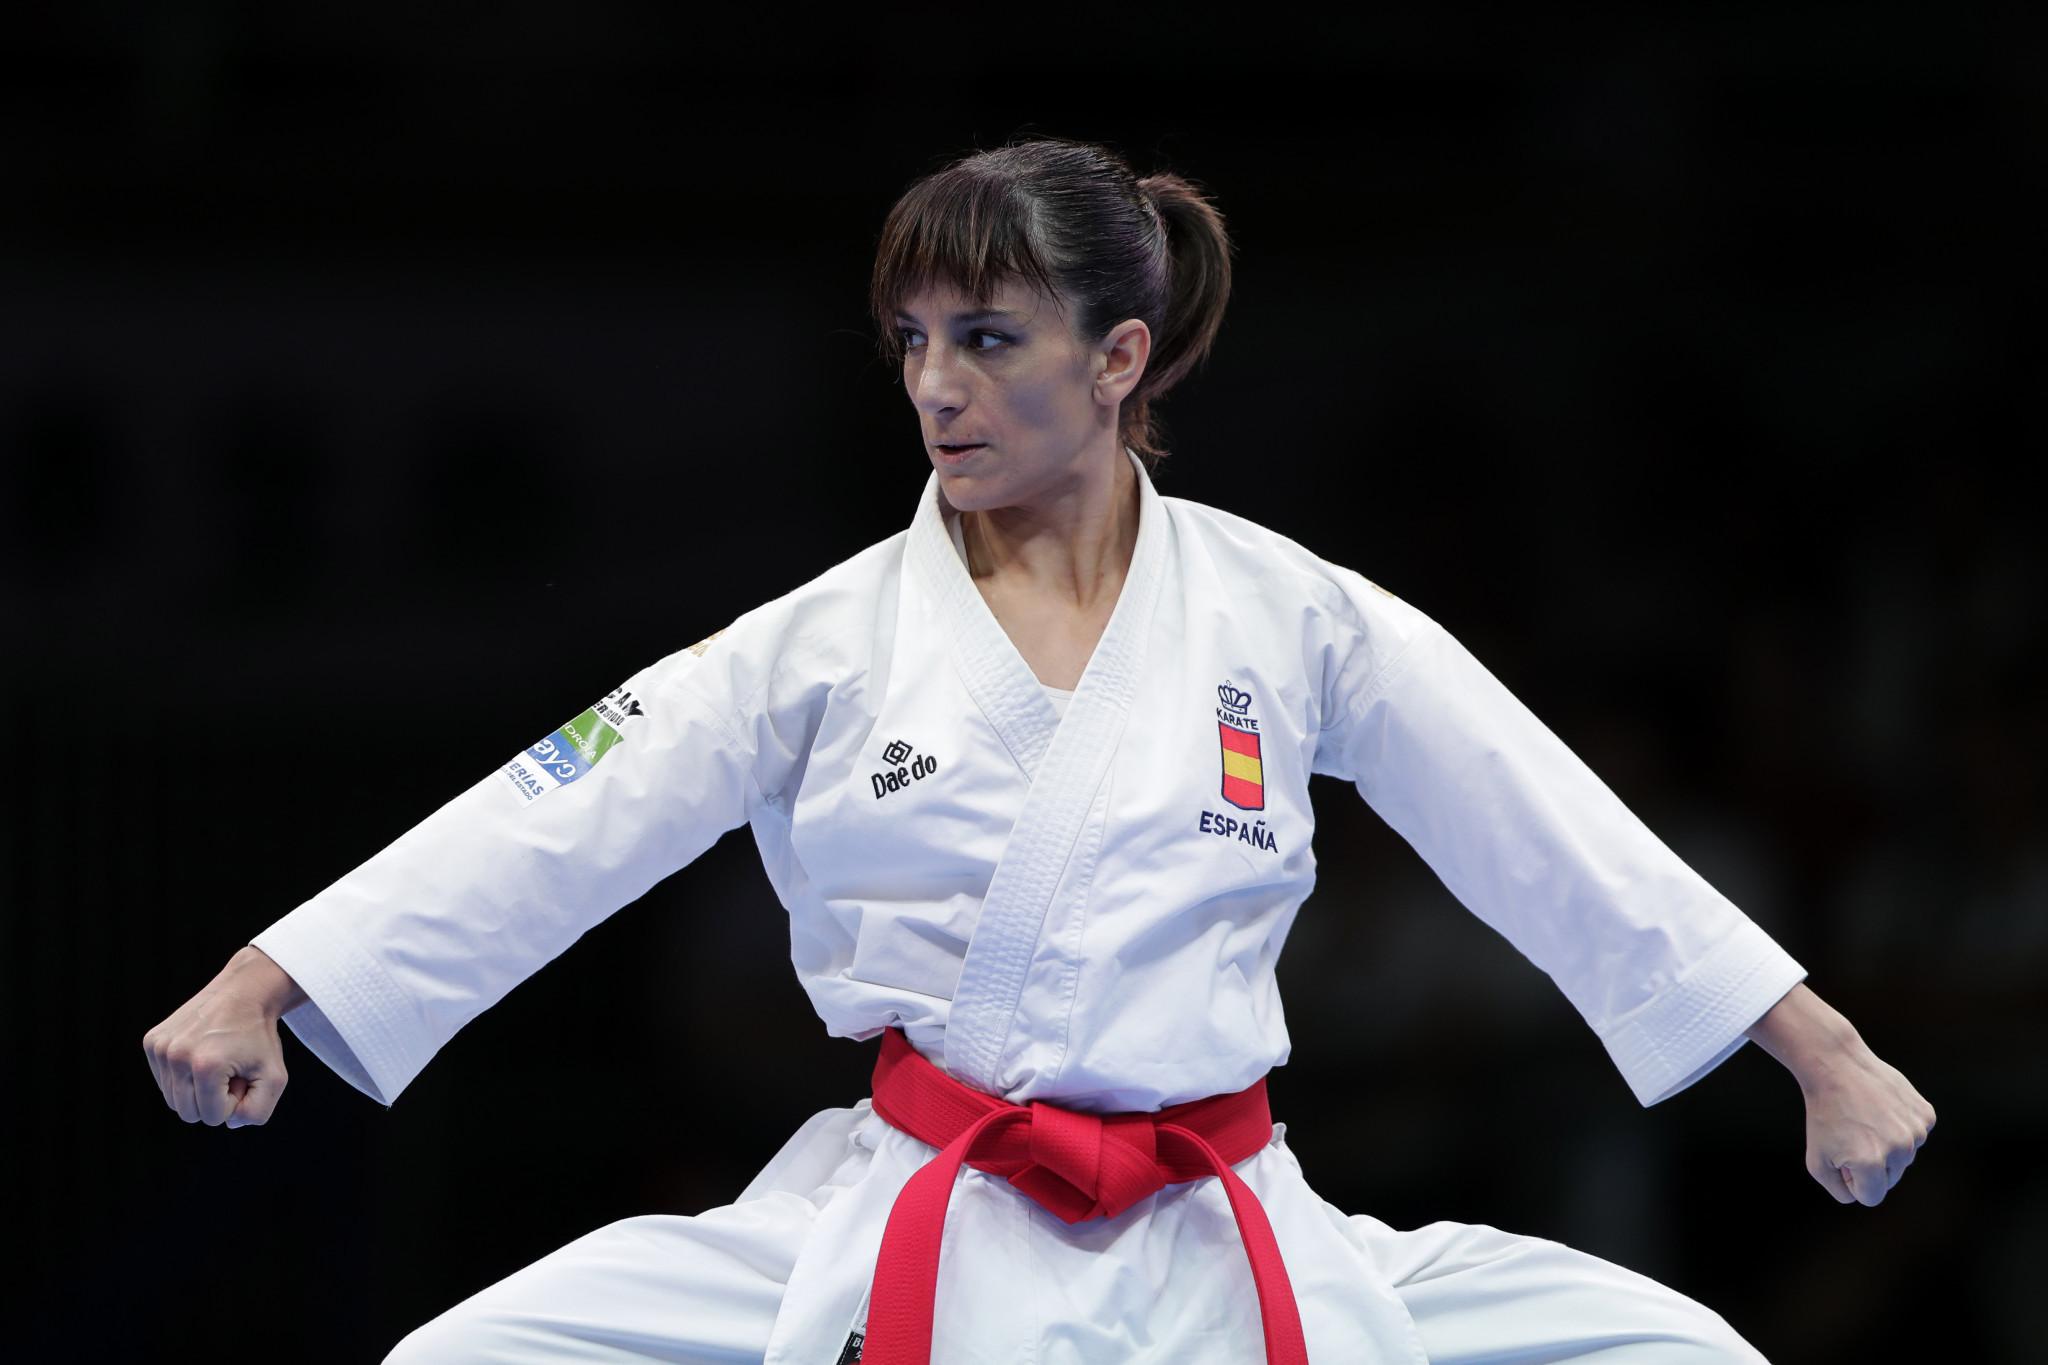 Sánchez wins sixth consecutive kata title at European Karate Championships